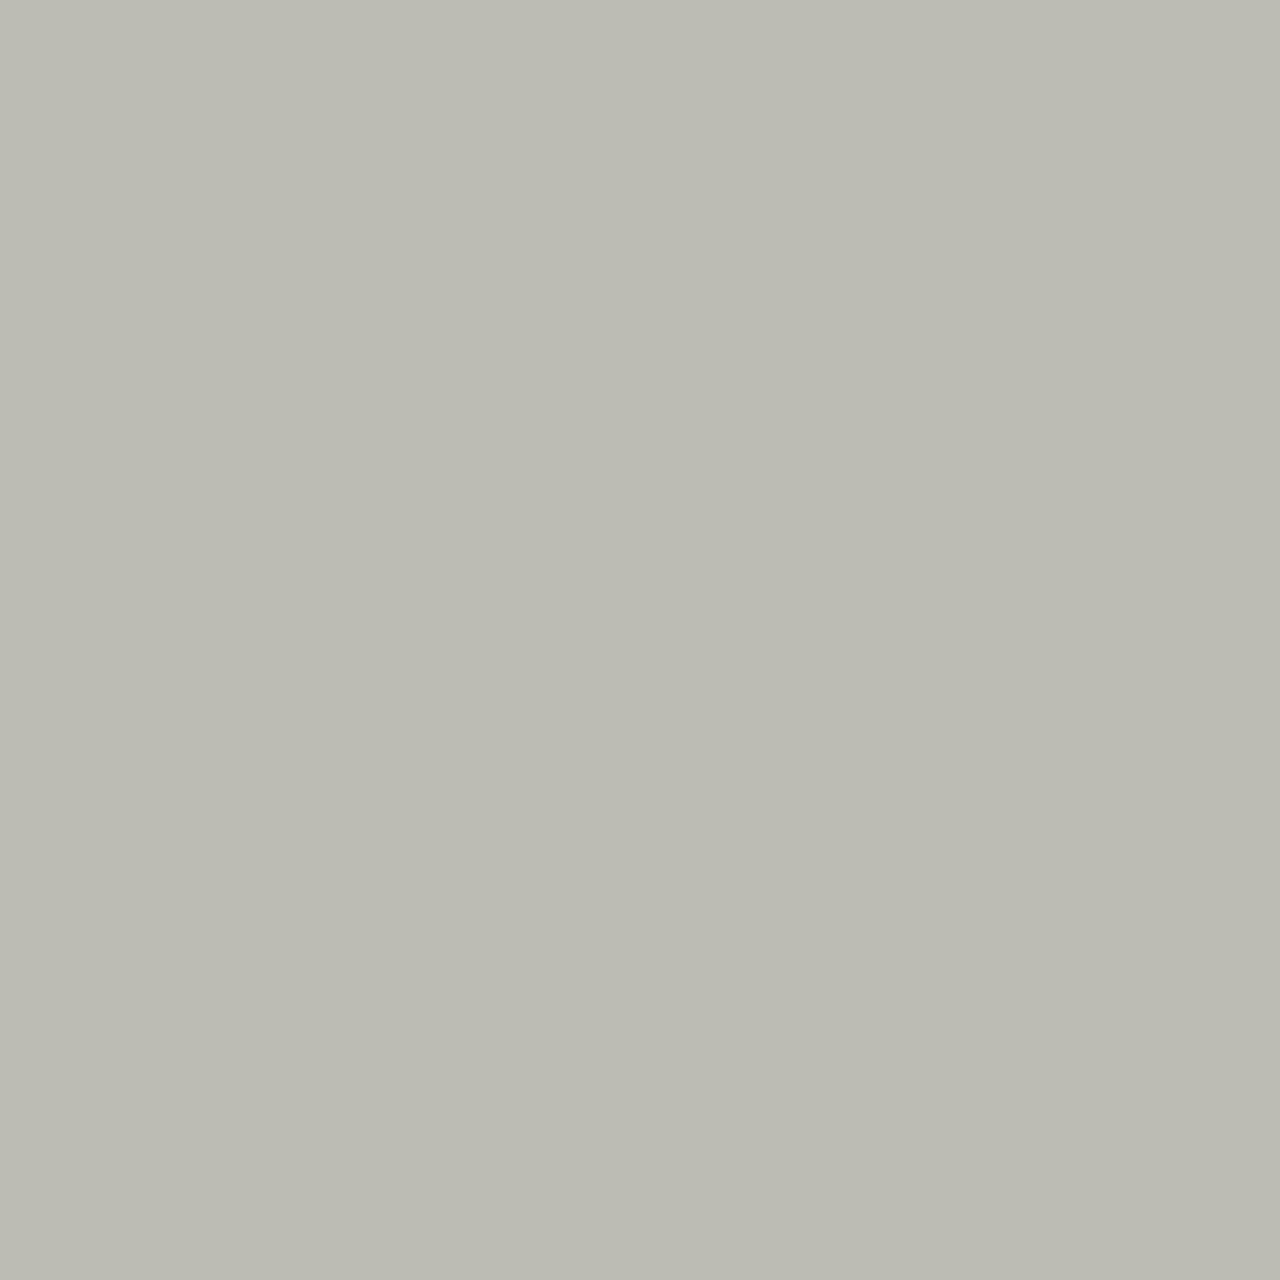 T03.4.0 Silver Grey